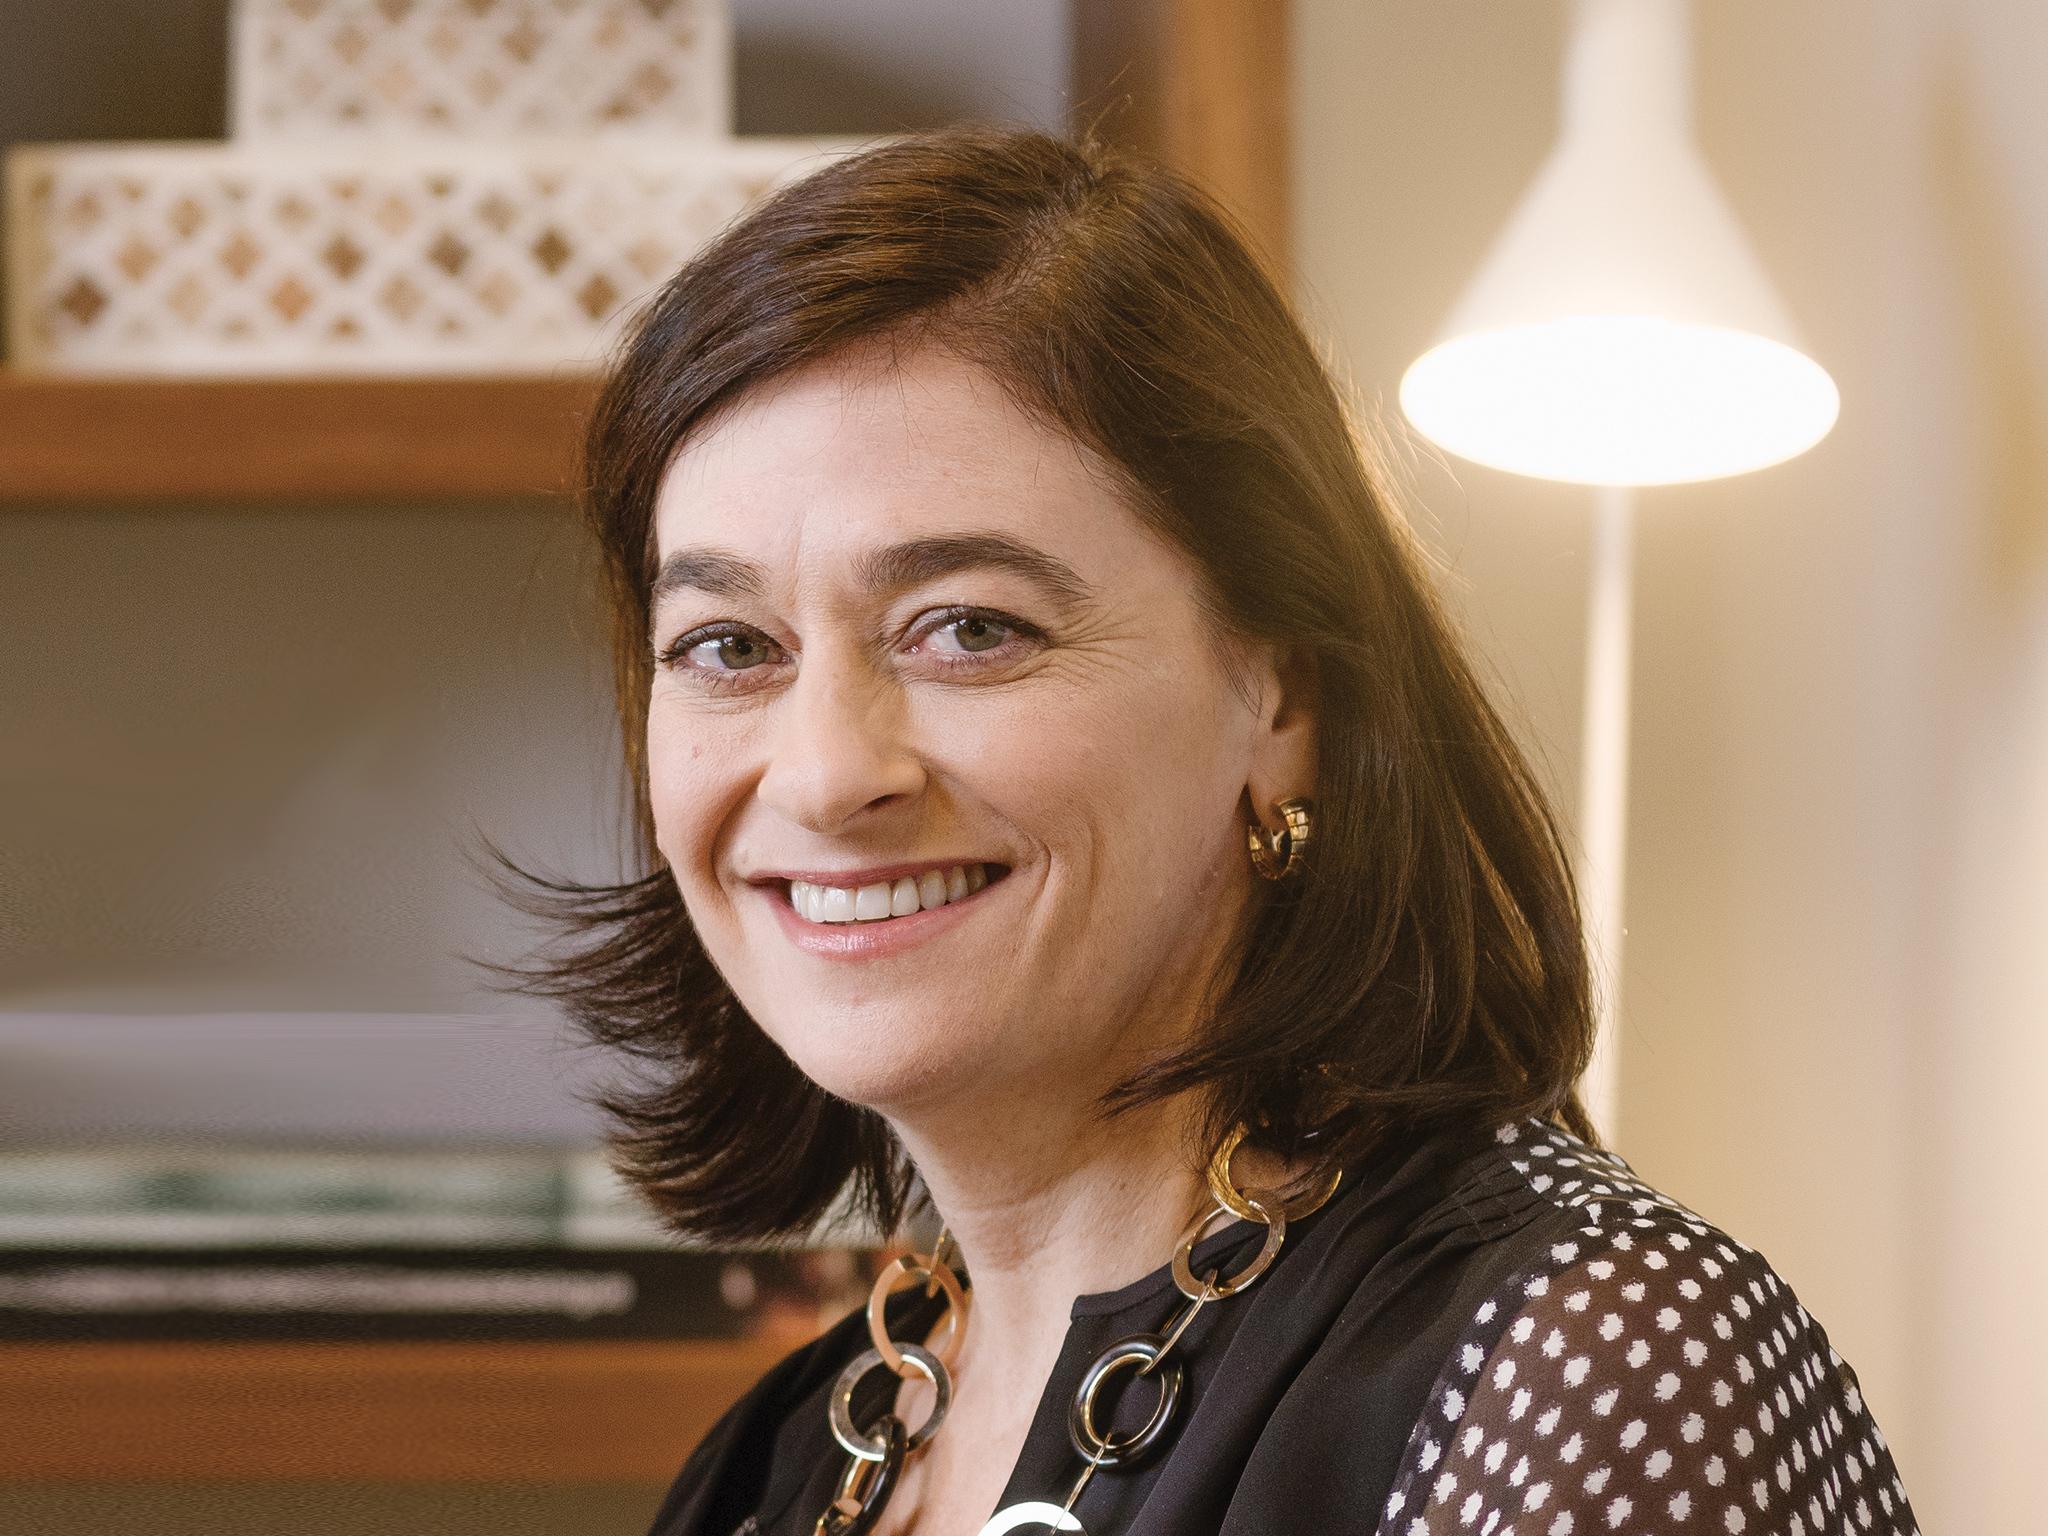 Andrea Fessler